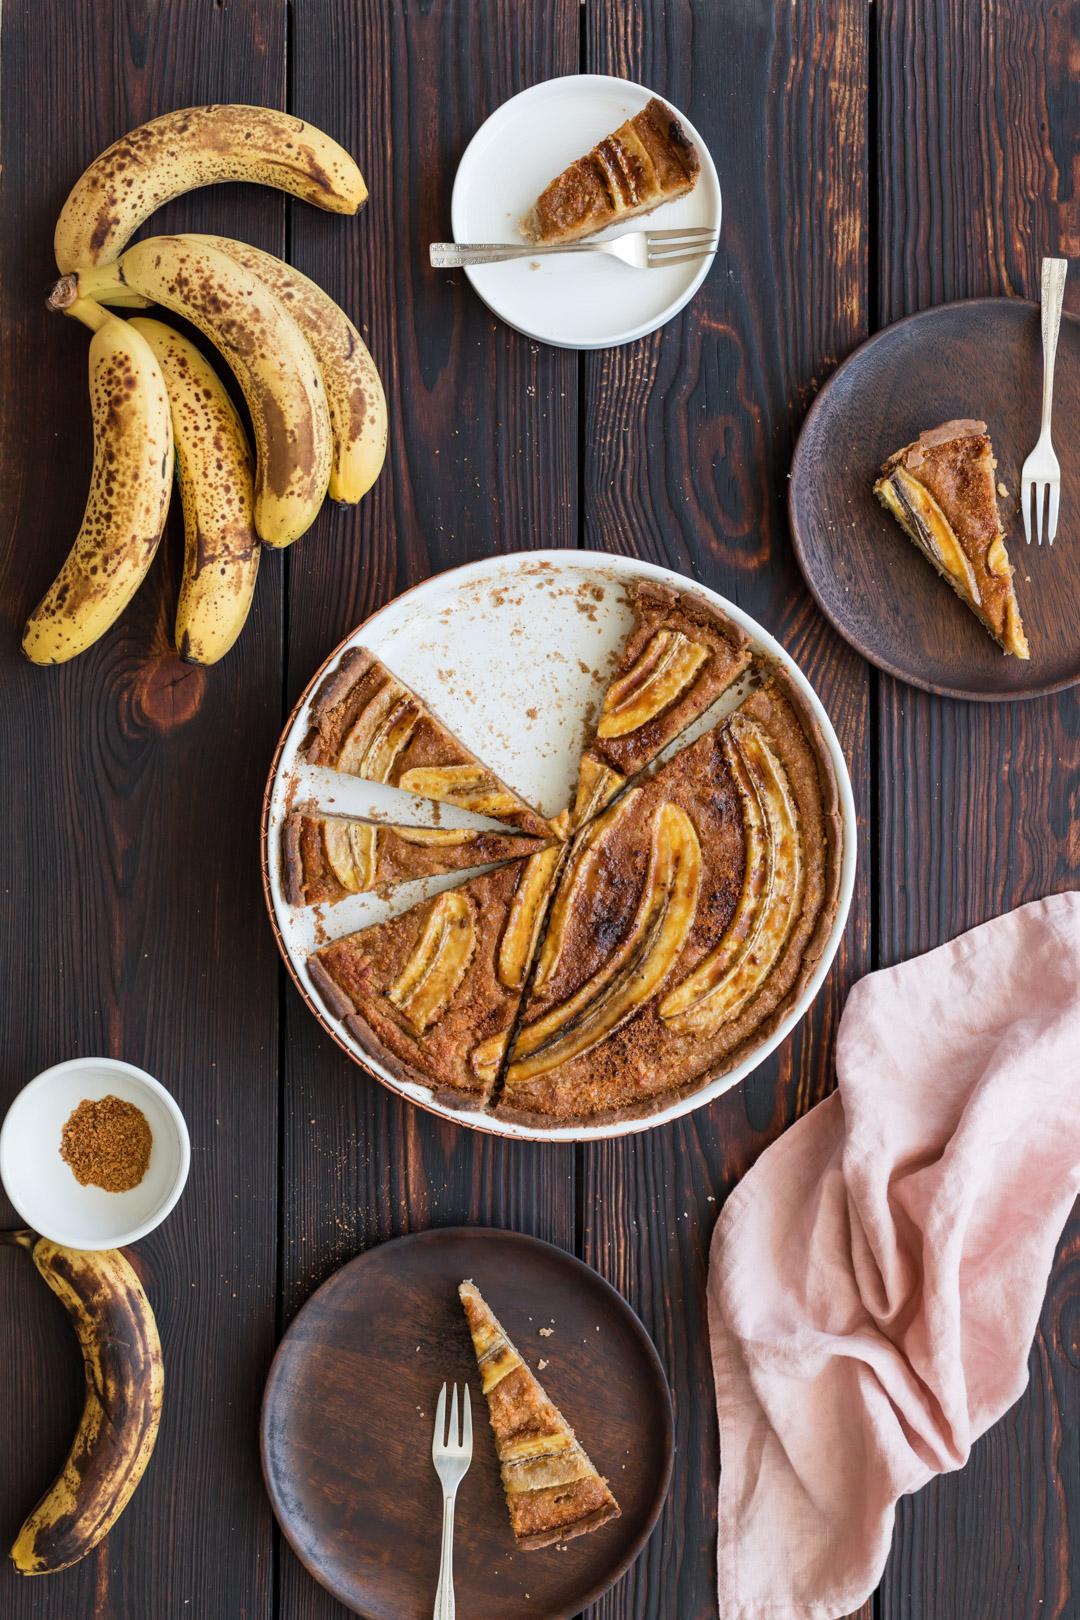 Vegan Banana Frangipane Tart